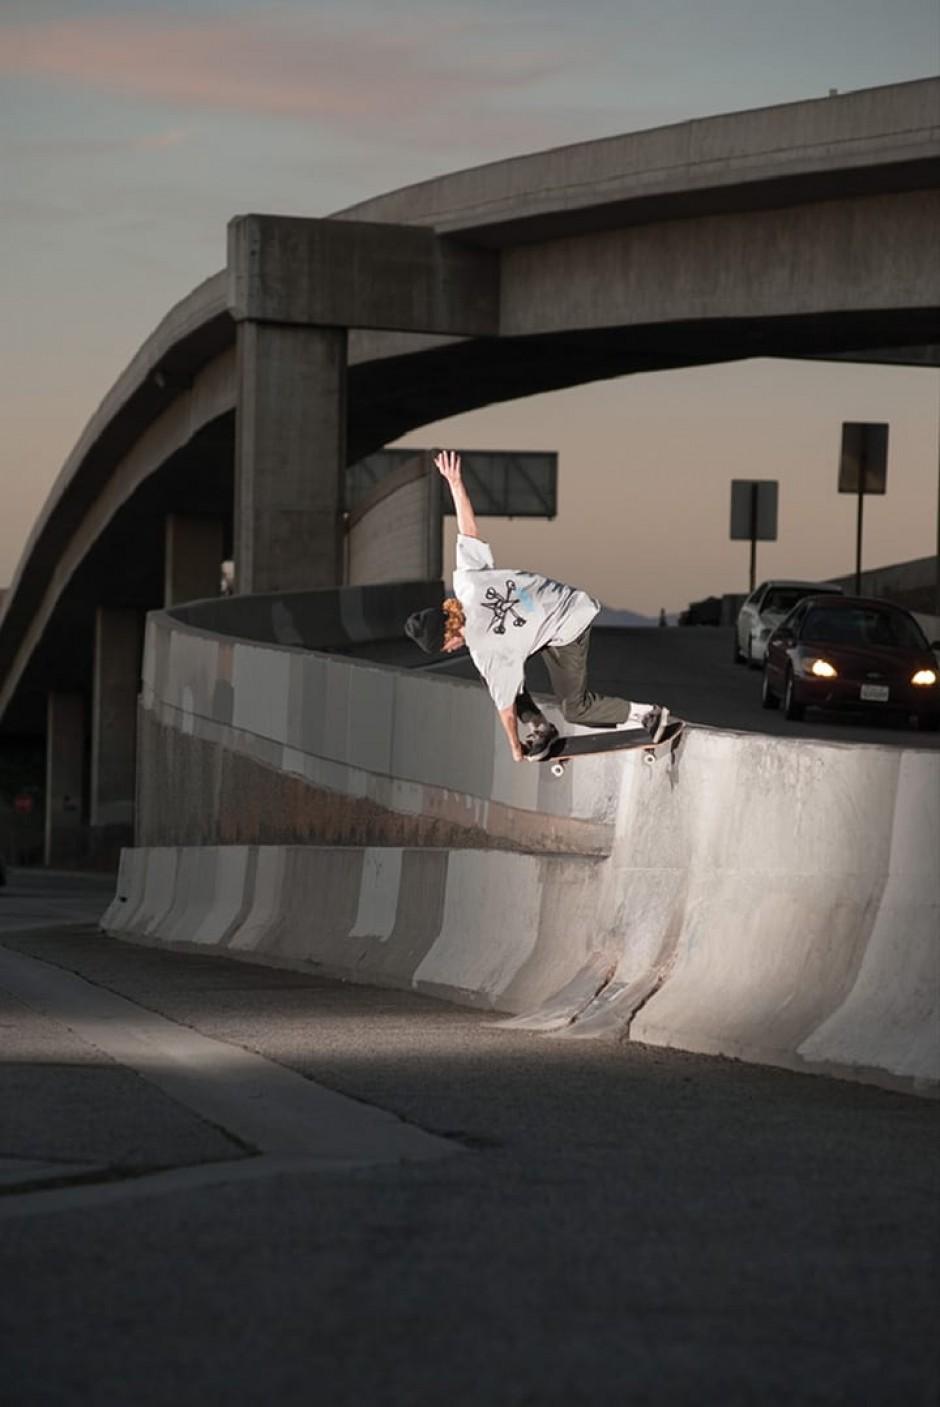 Jarren Duke back crail slide 5